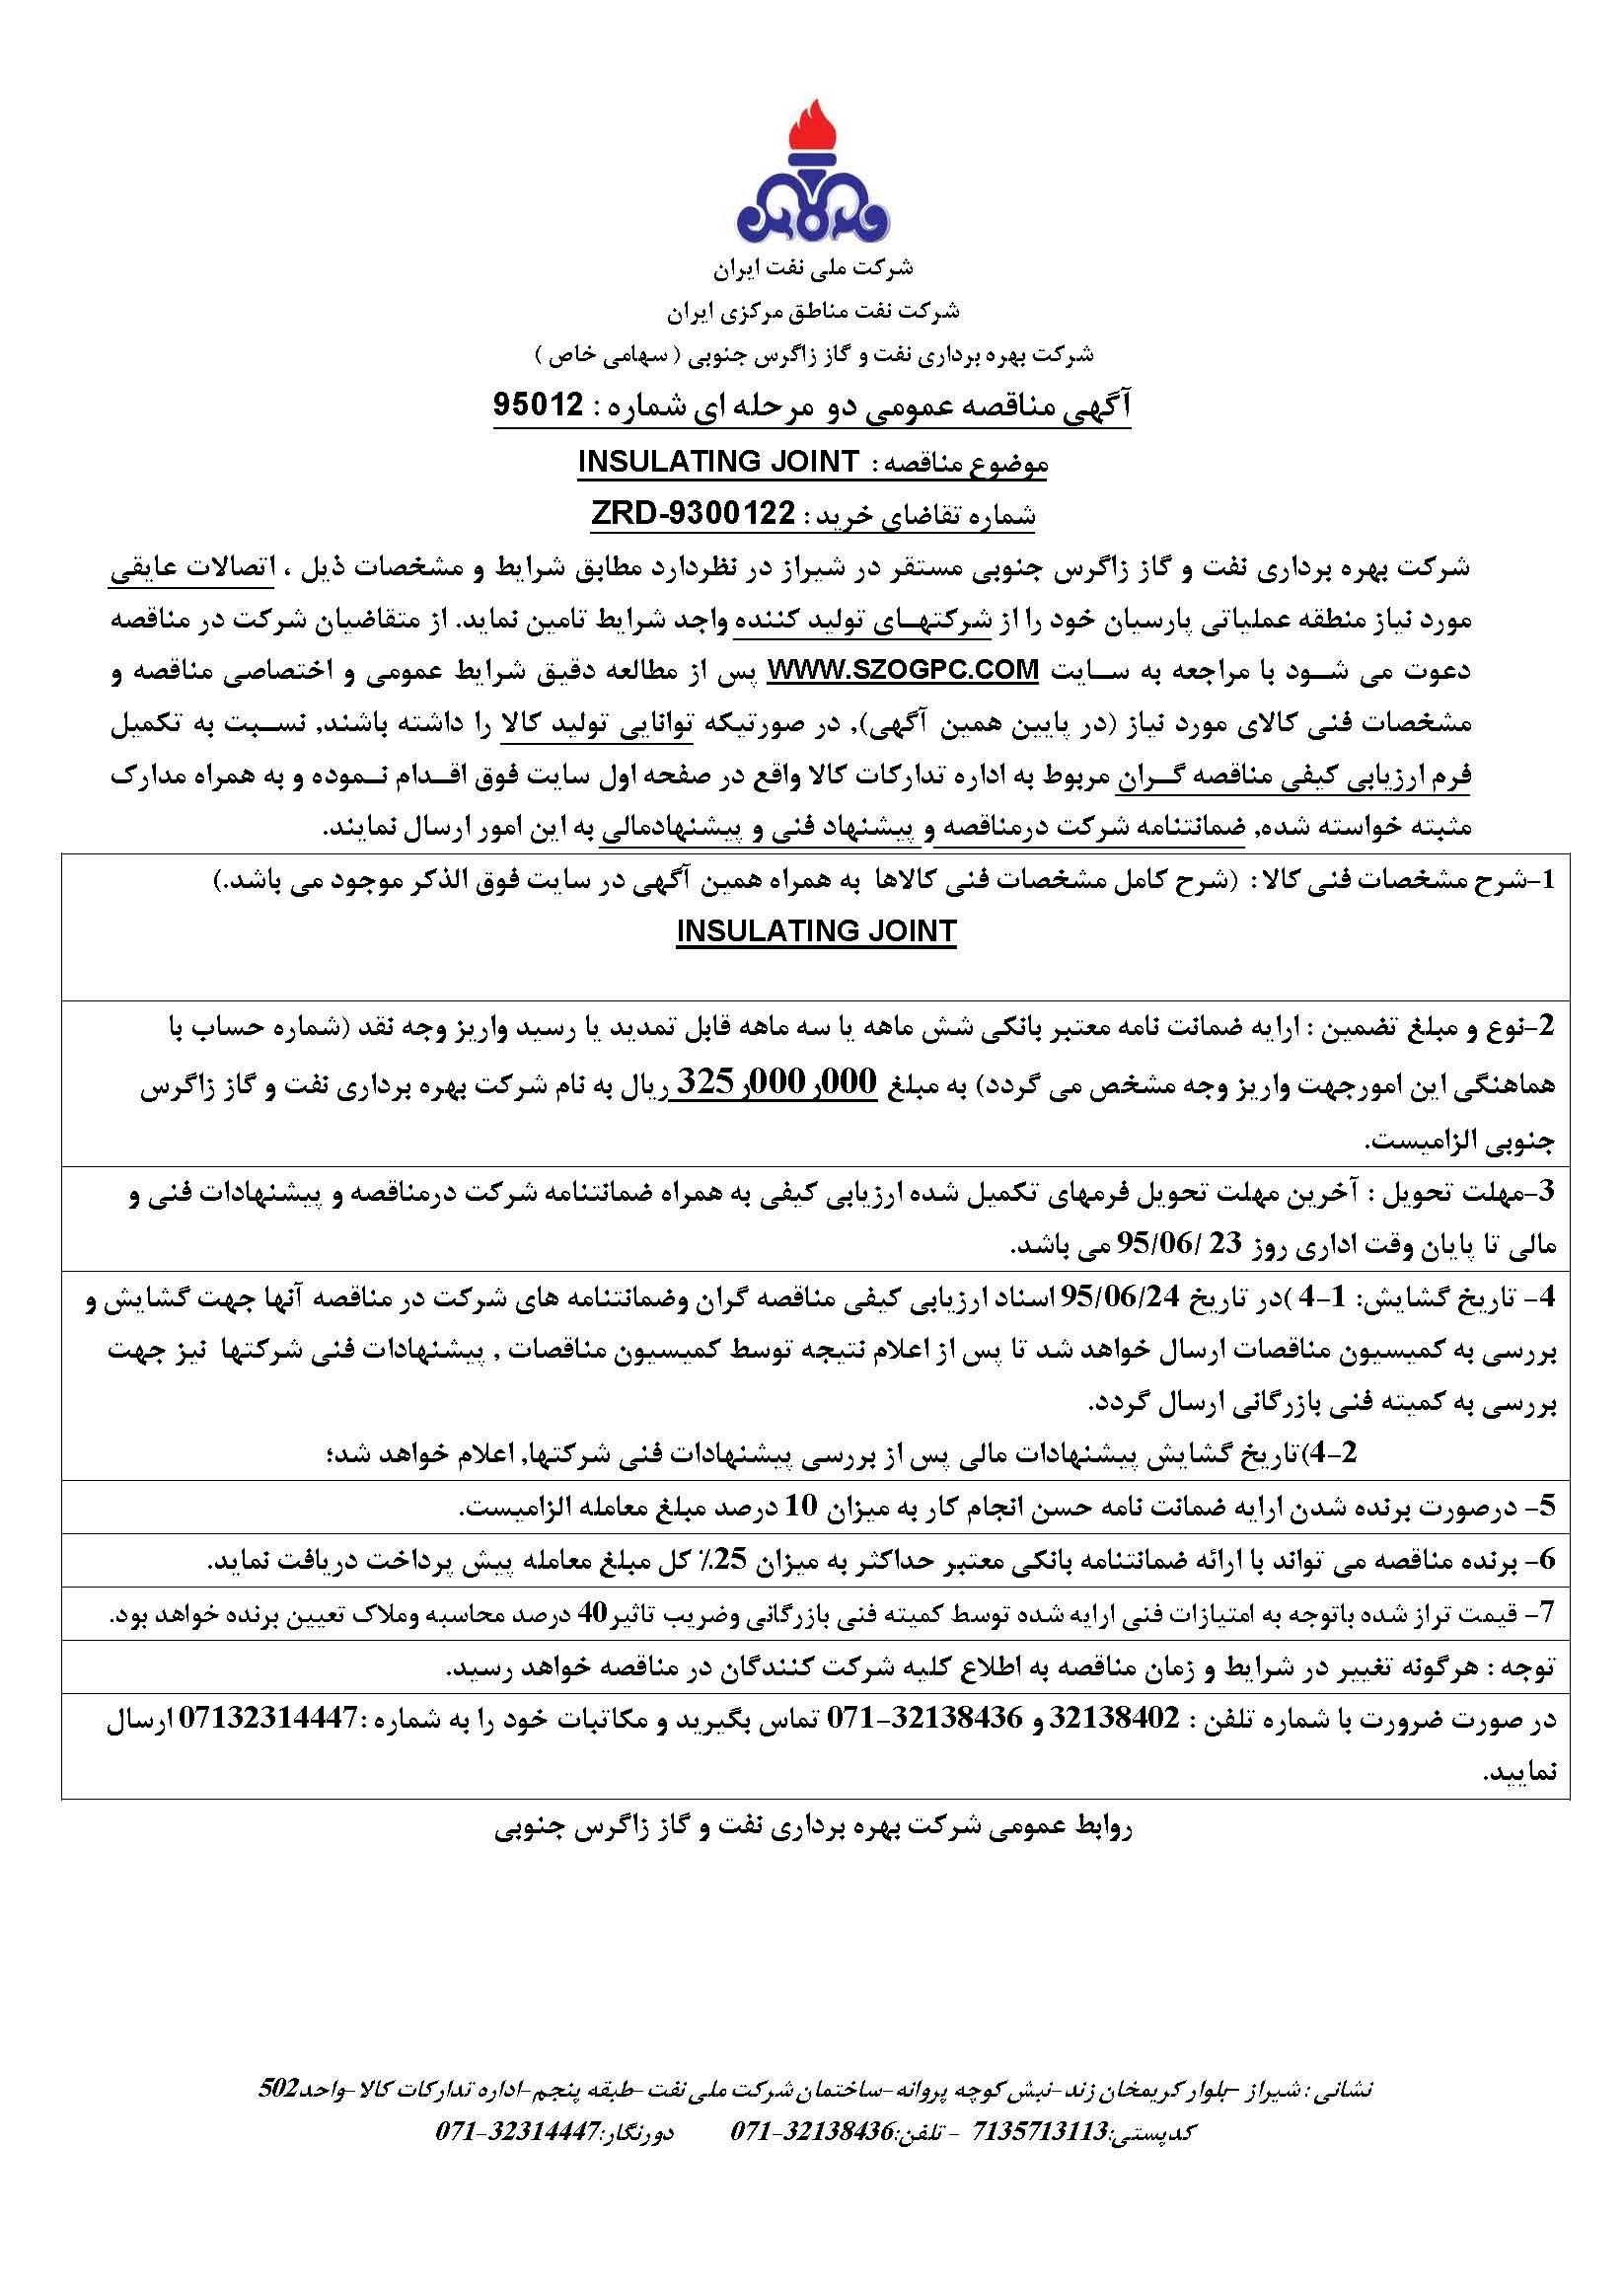 عیدی مستمری بگیران کمیته امداد95 دریافت صورت حساب بازنشستگان شرکت نفت